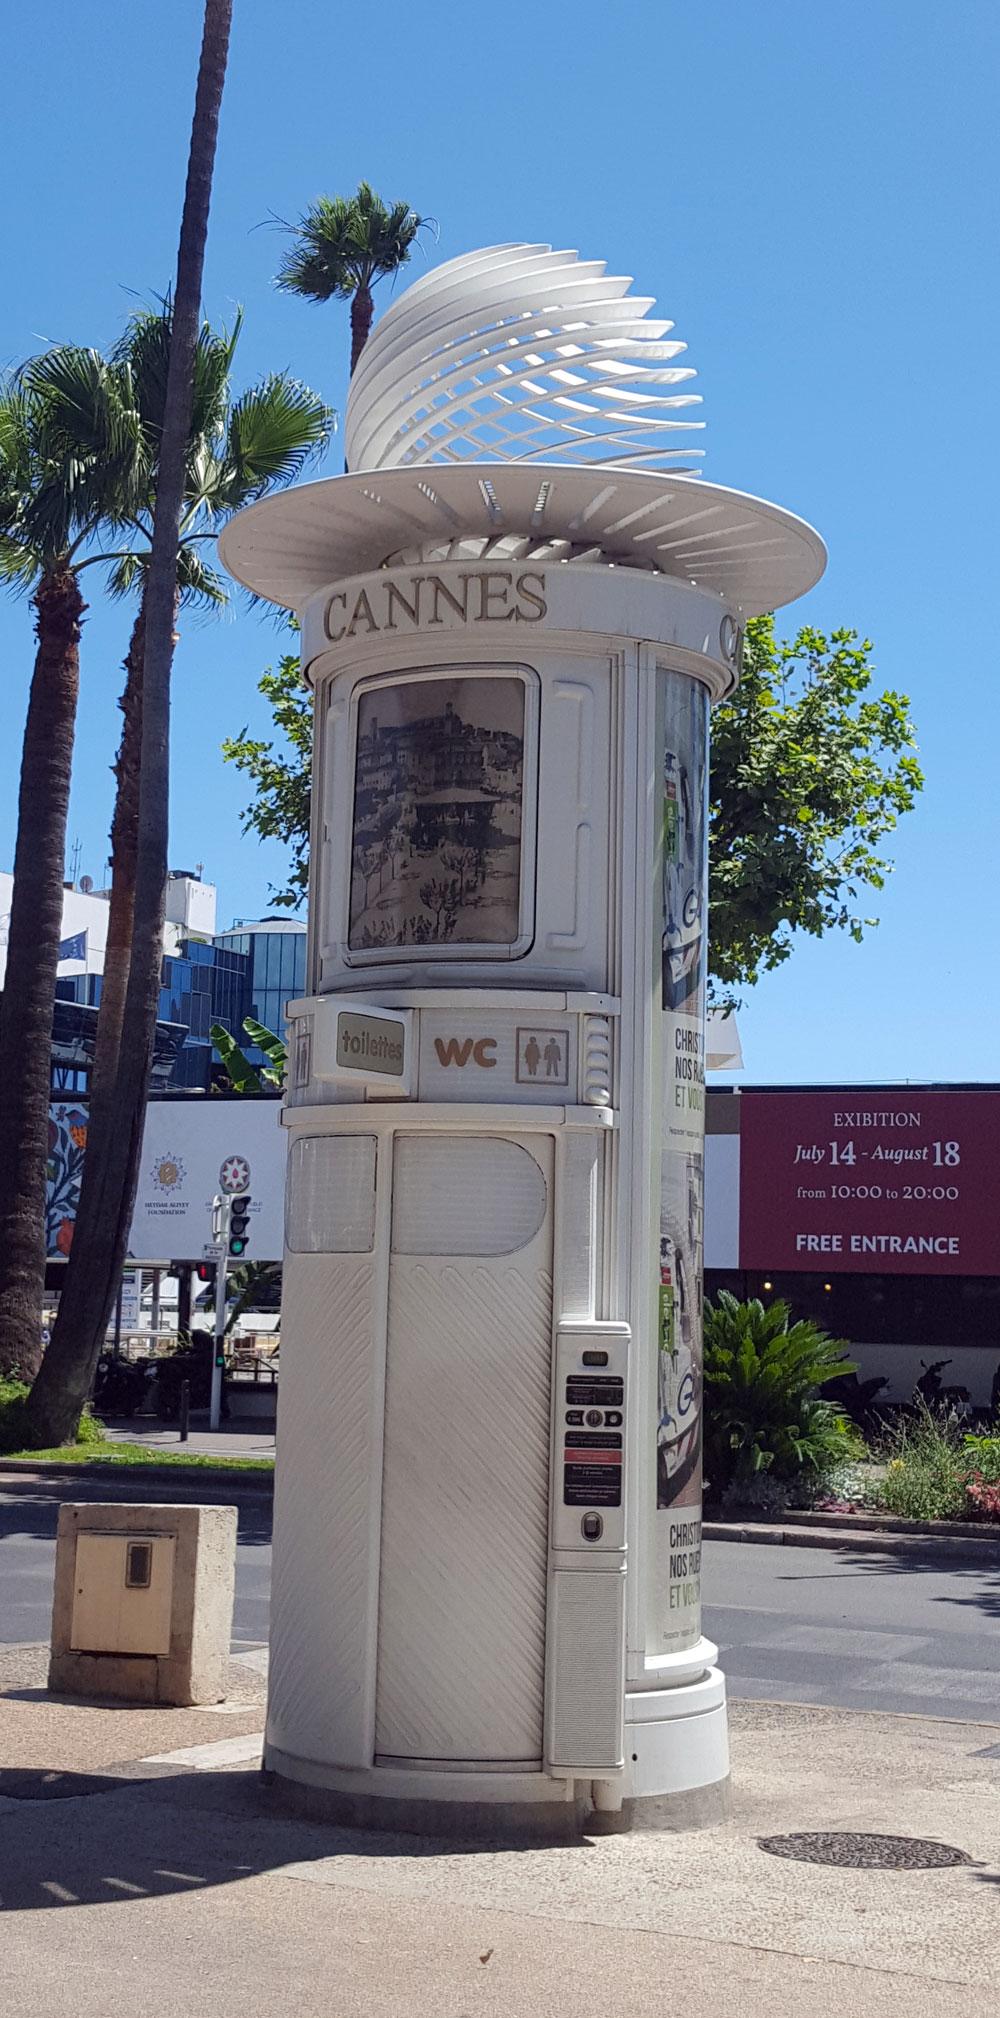 Öffentliches WC vor dem der Filmpalast in Cannes